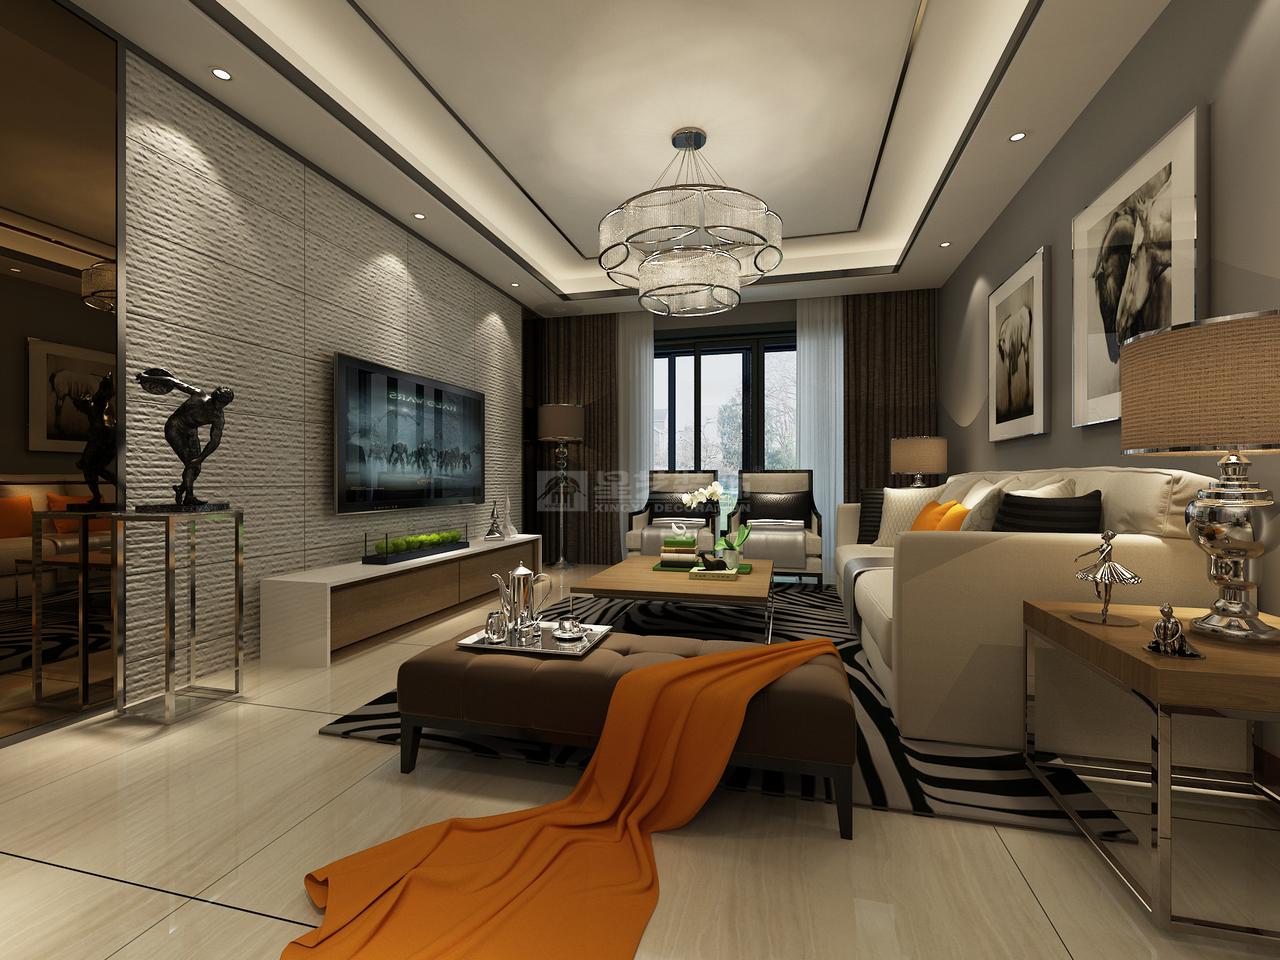 华润国际简约,简约,单身公寓,125.0㎡